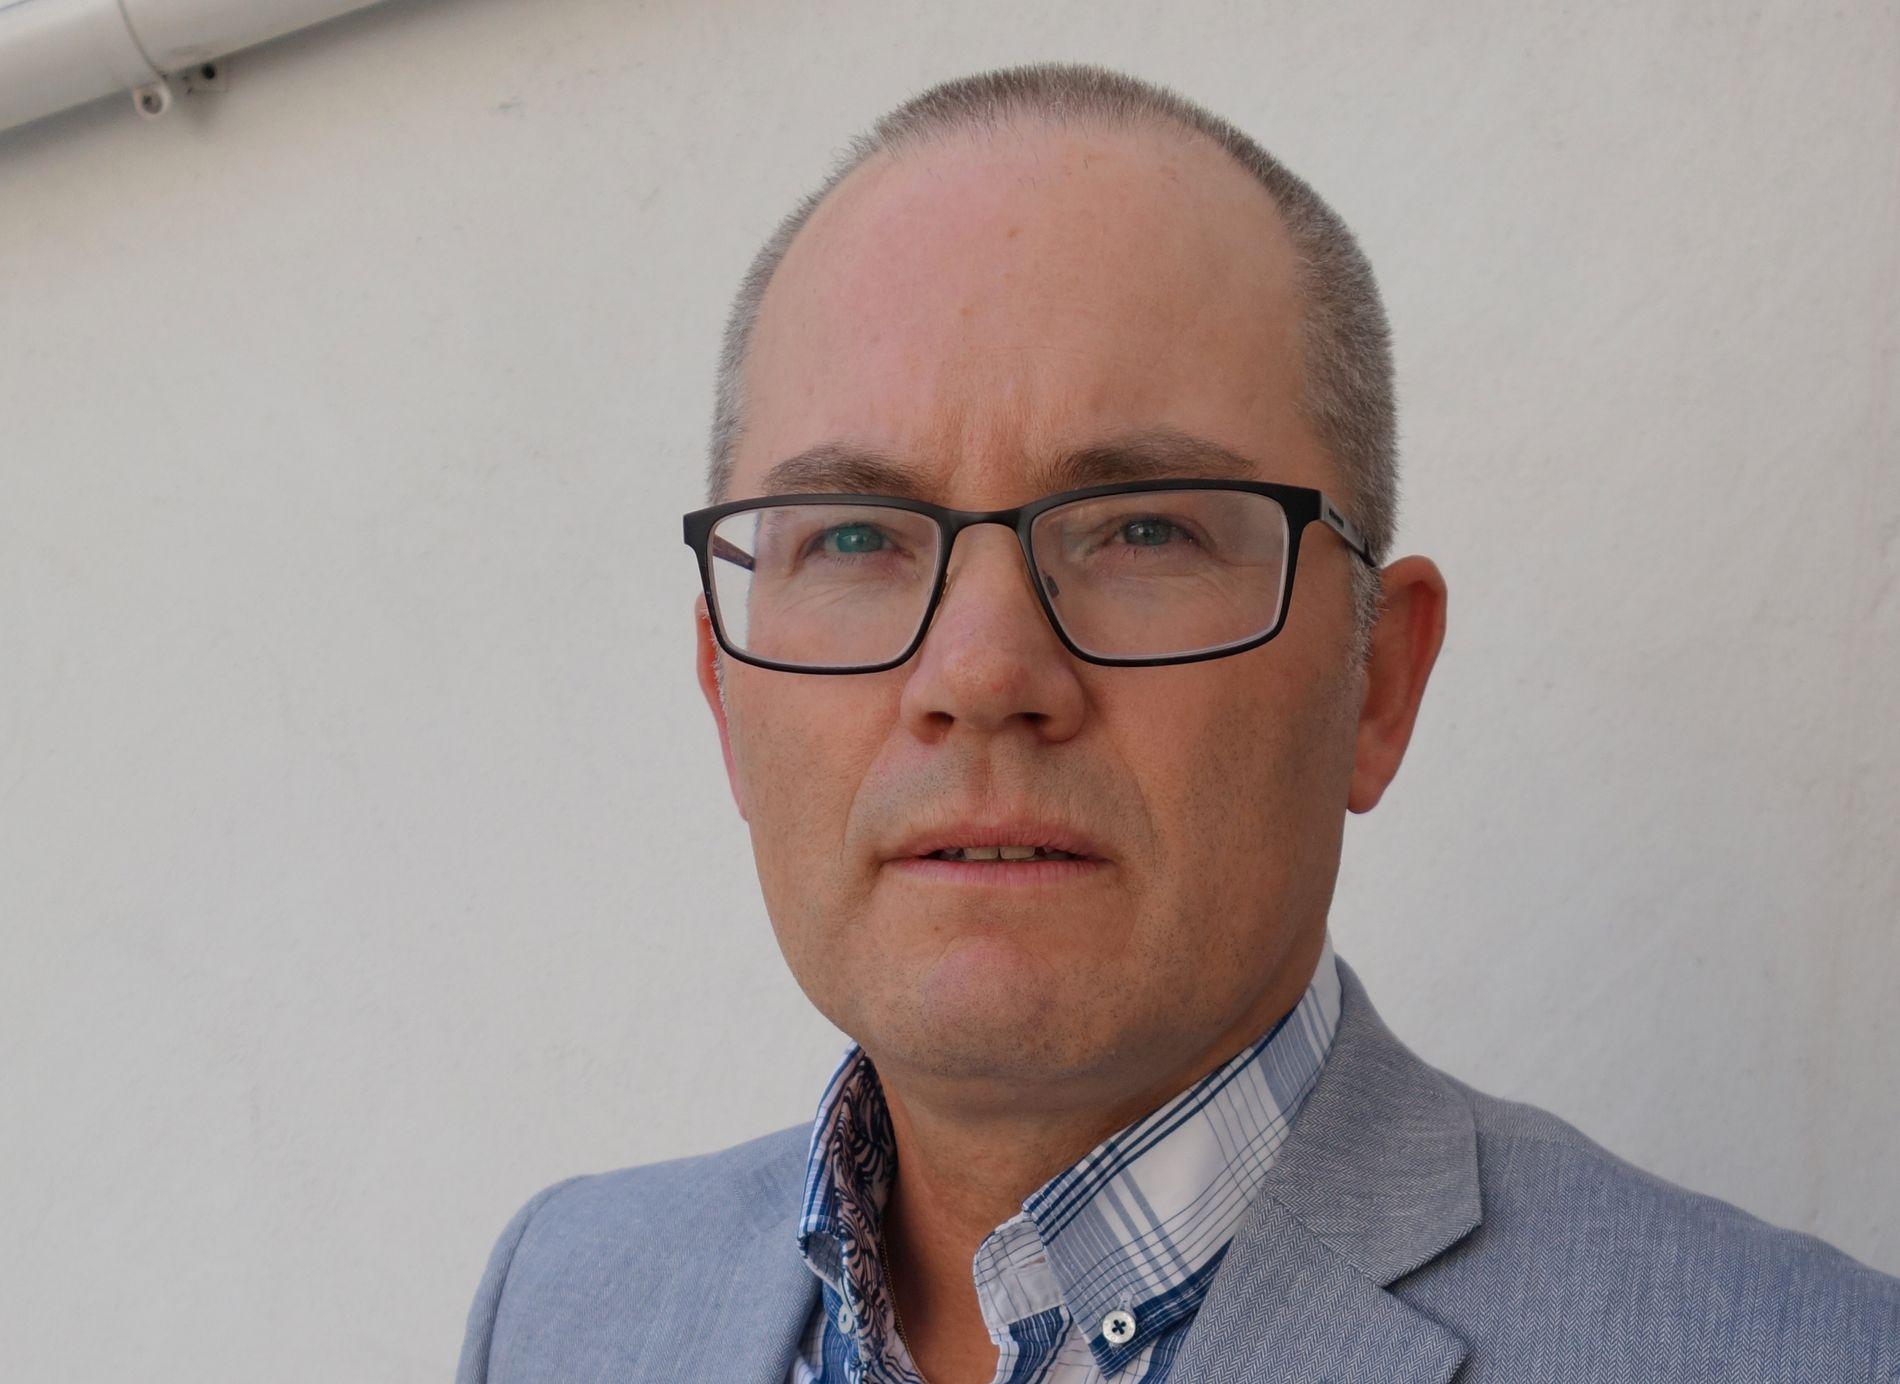 INNSENDAREN: Petter Olsen er redaktør i bladet Sambåndet, som Indremisjonsforbundet gjev ut.